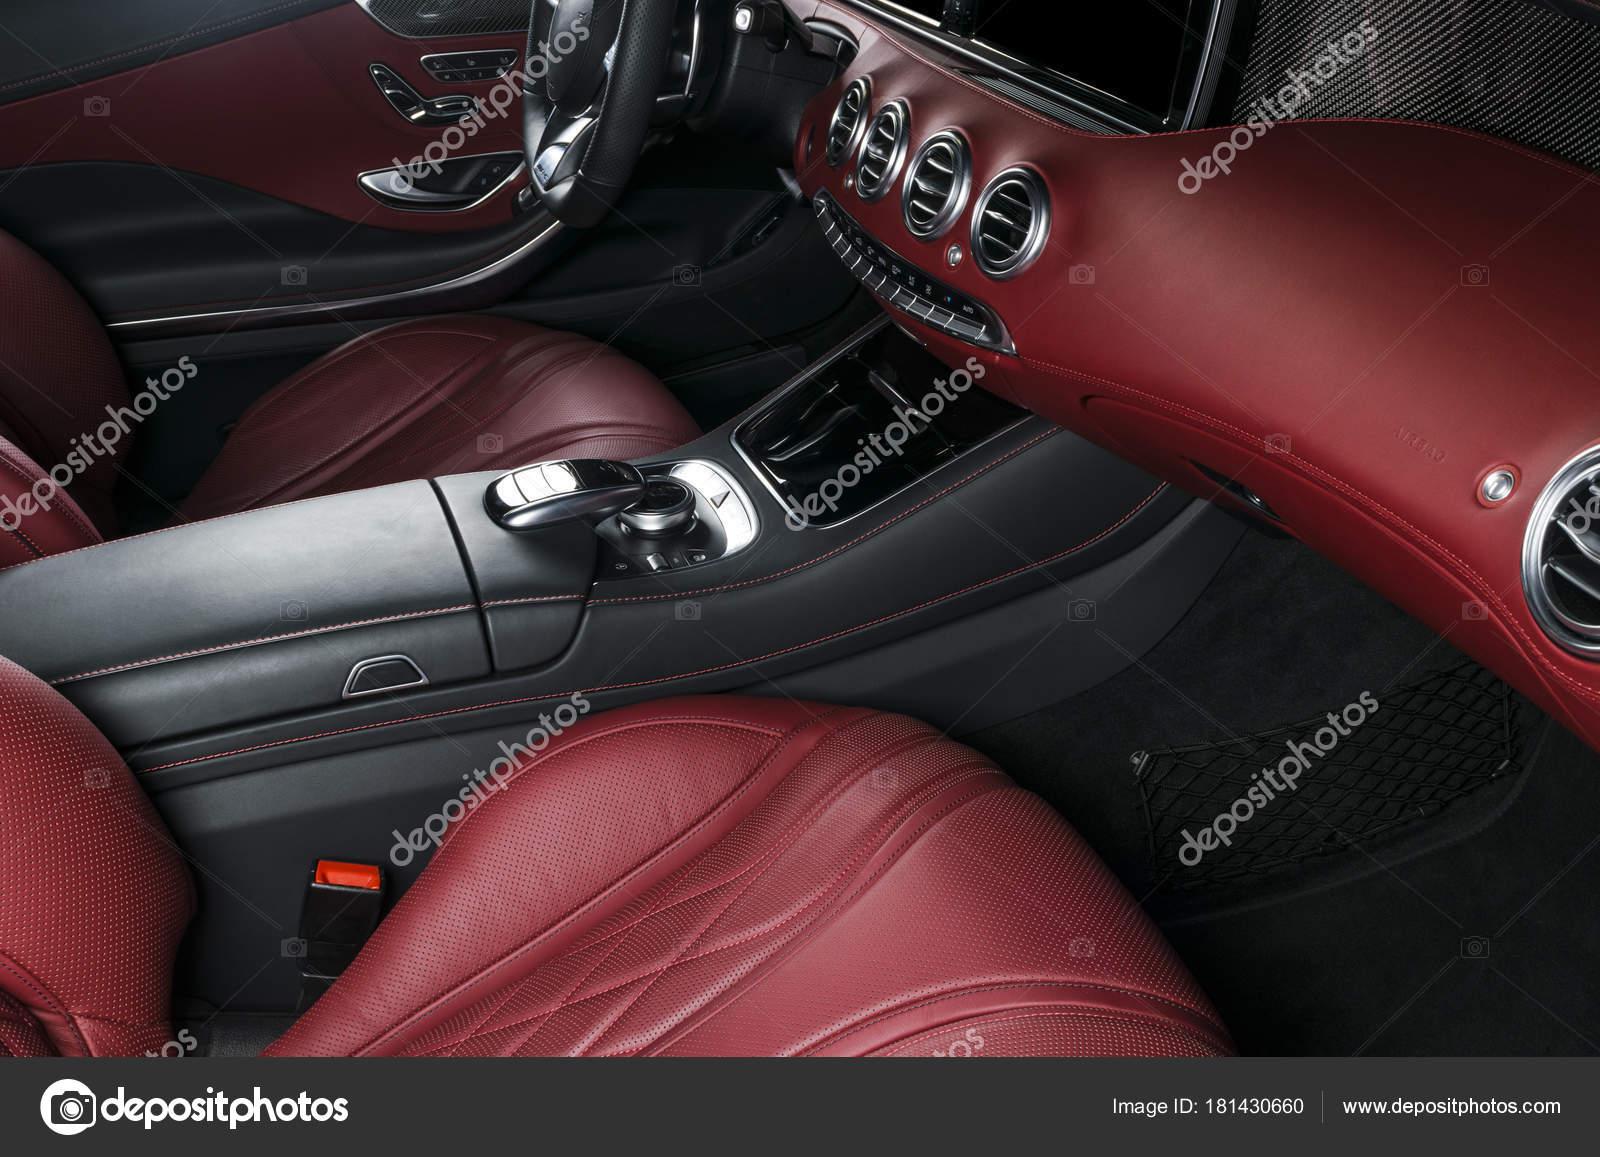 b8bcfb04b2 Άνετα δερμάτινα καθίσματα. Κόκκινο διάτρητο δέρμα πιλοτήριο. Τιμόνι και το  ταμπλό. ΑΥΤΟΜΑΤΩΝ μετατόπιση ραβδιών. Εσωτερικό αυτοκινήτου — Εικόνα από ...